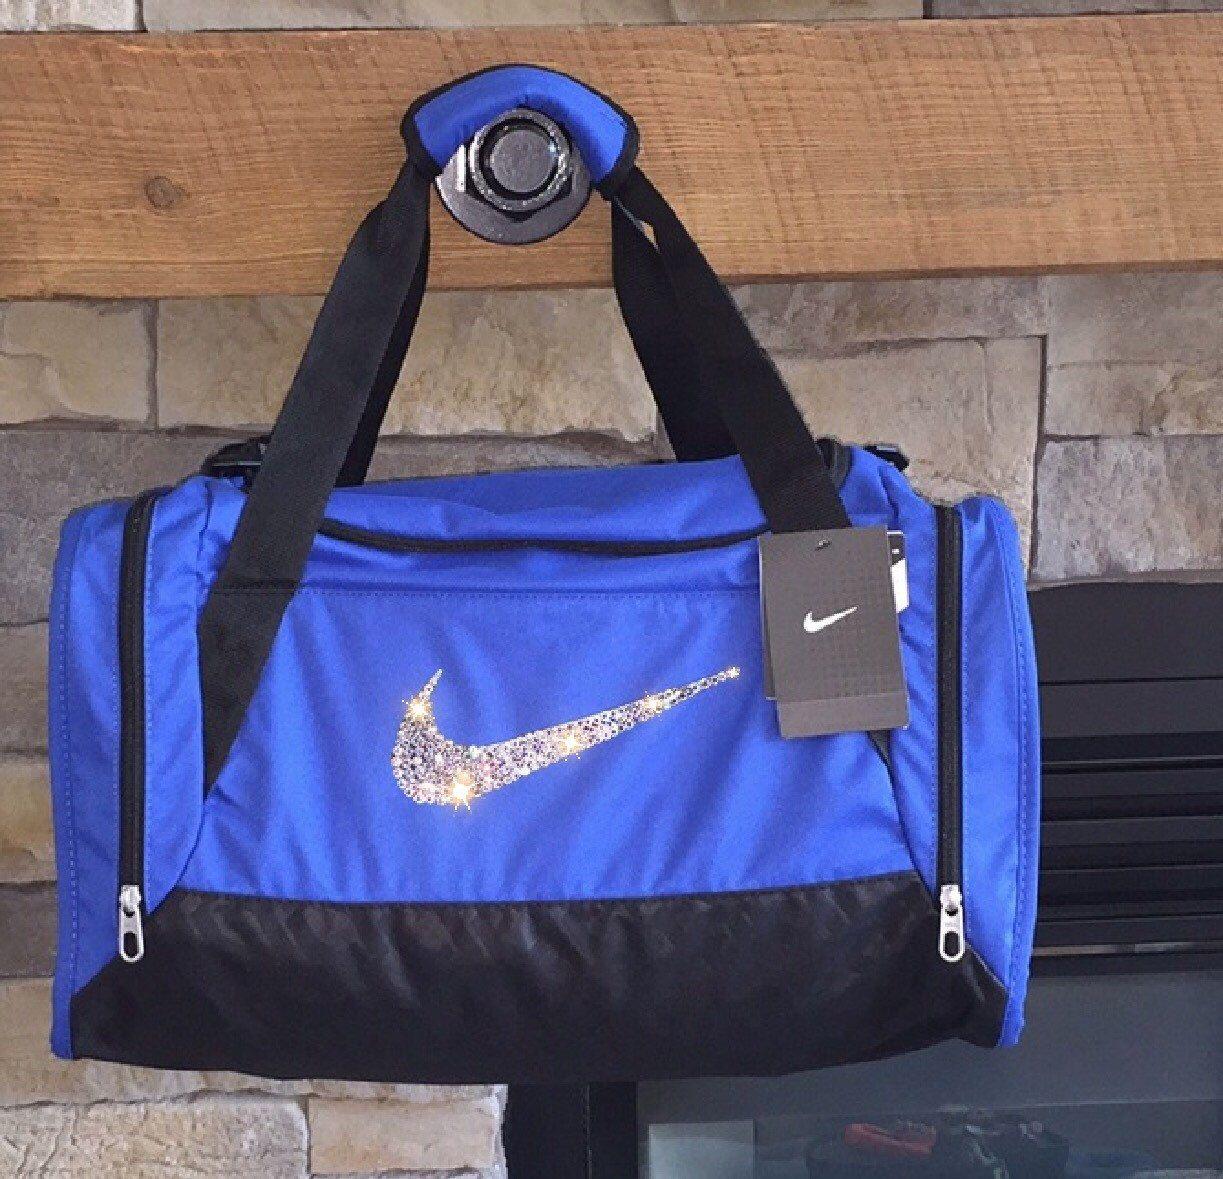 e1b5b32cb9 Crystal Bling Swarovski Nike Duffel Royal Blue   Etsy   Nike duffle ...